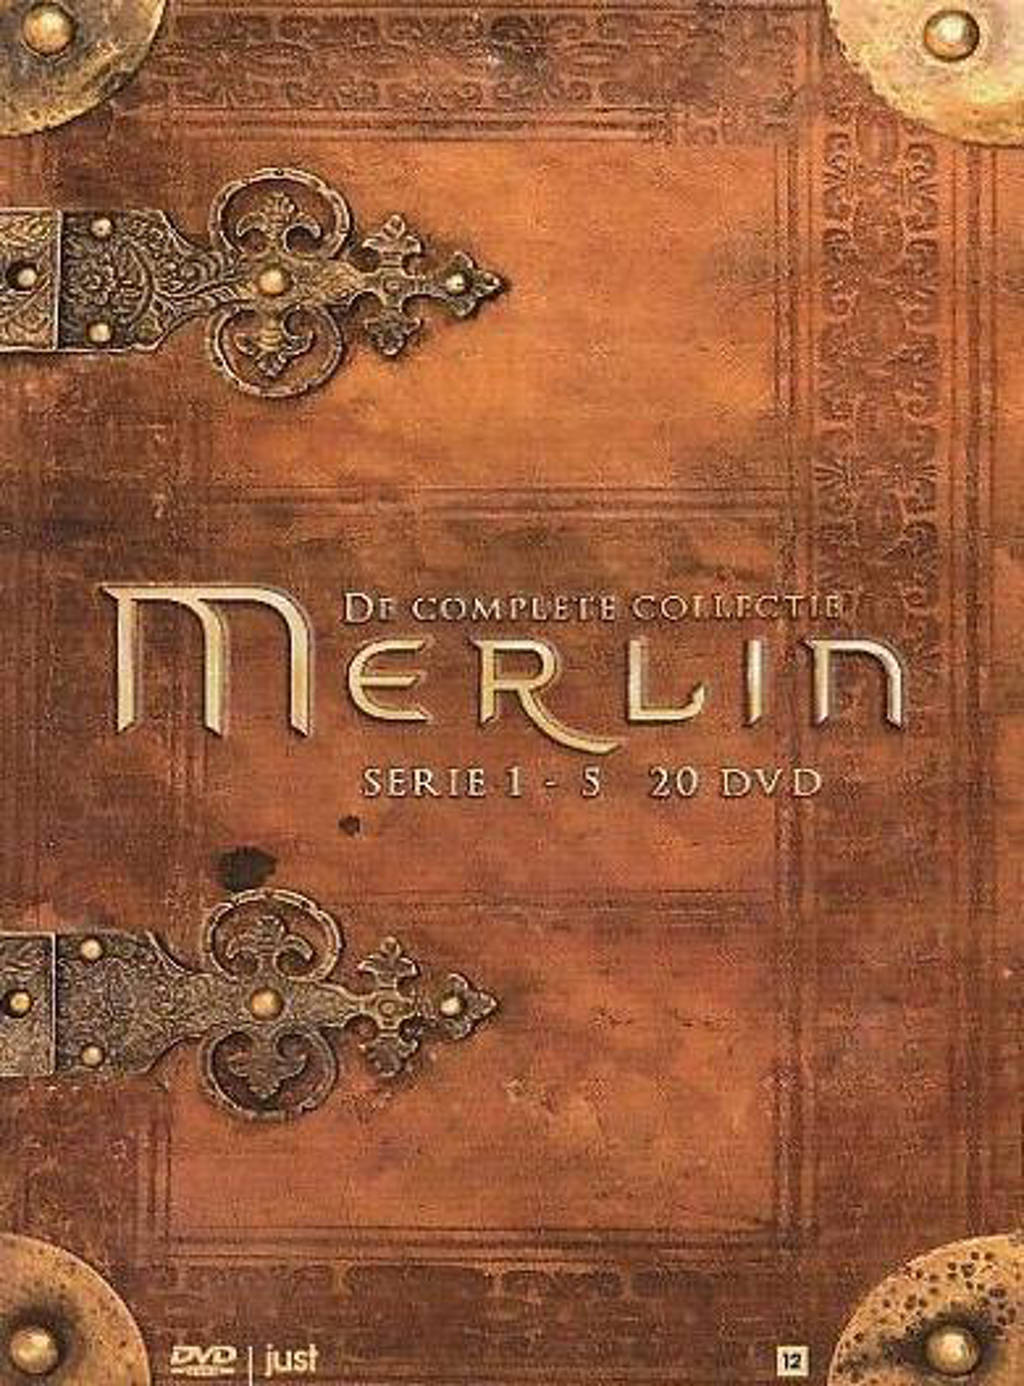 Adventures of Merlin - Seizoen 1-5 (DVD)